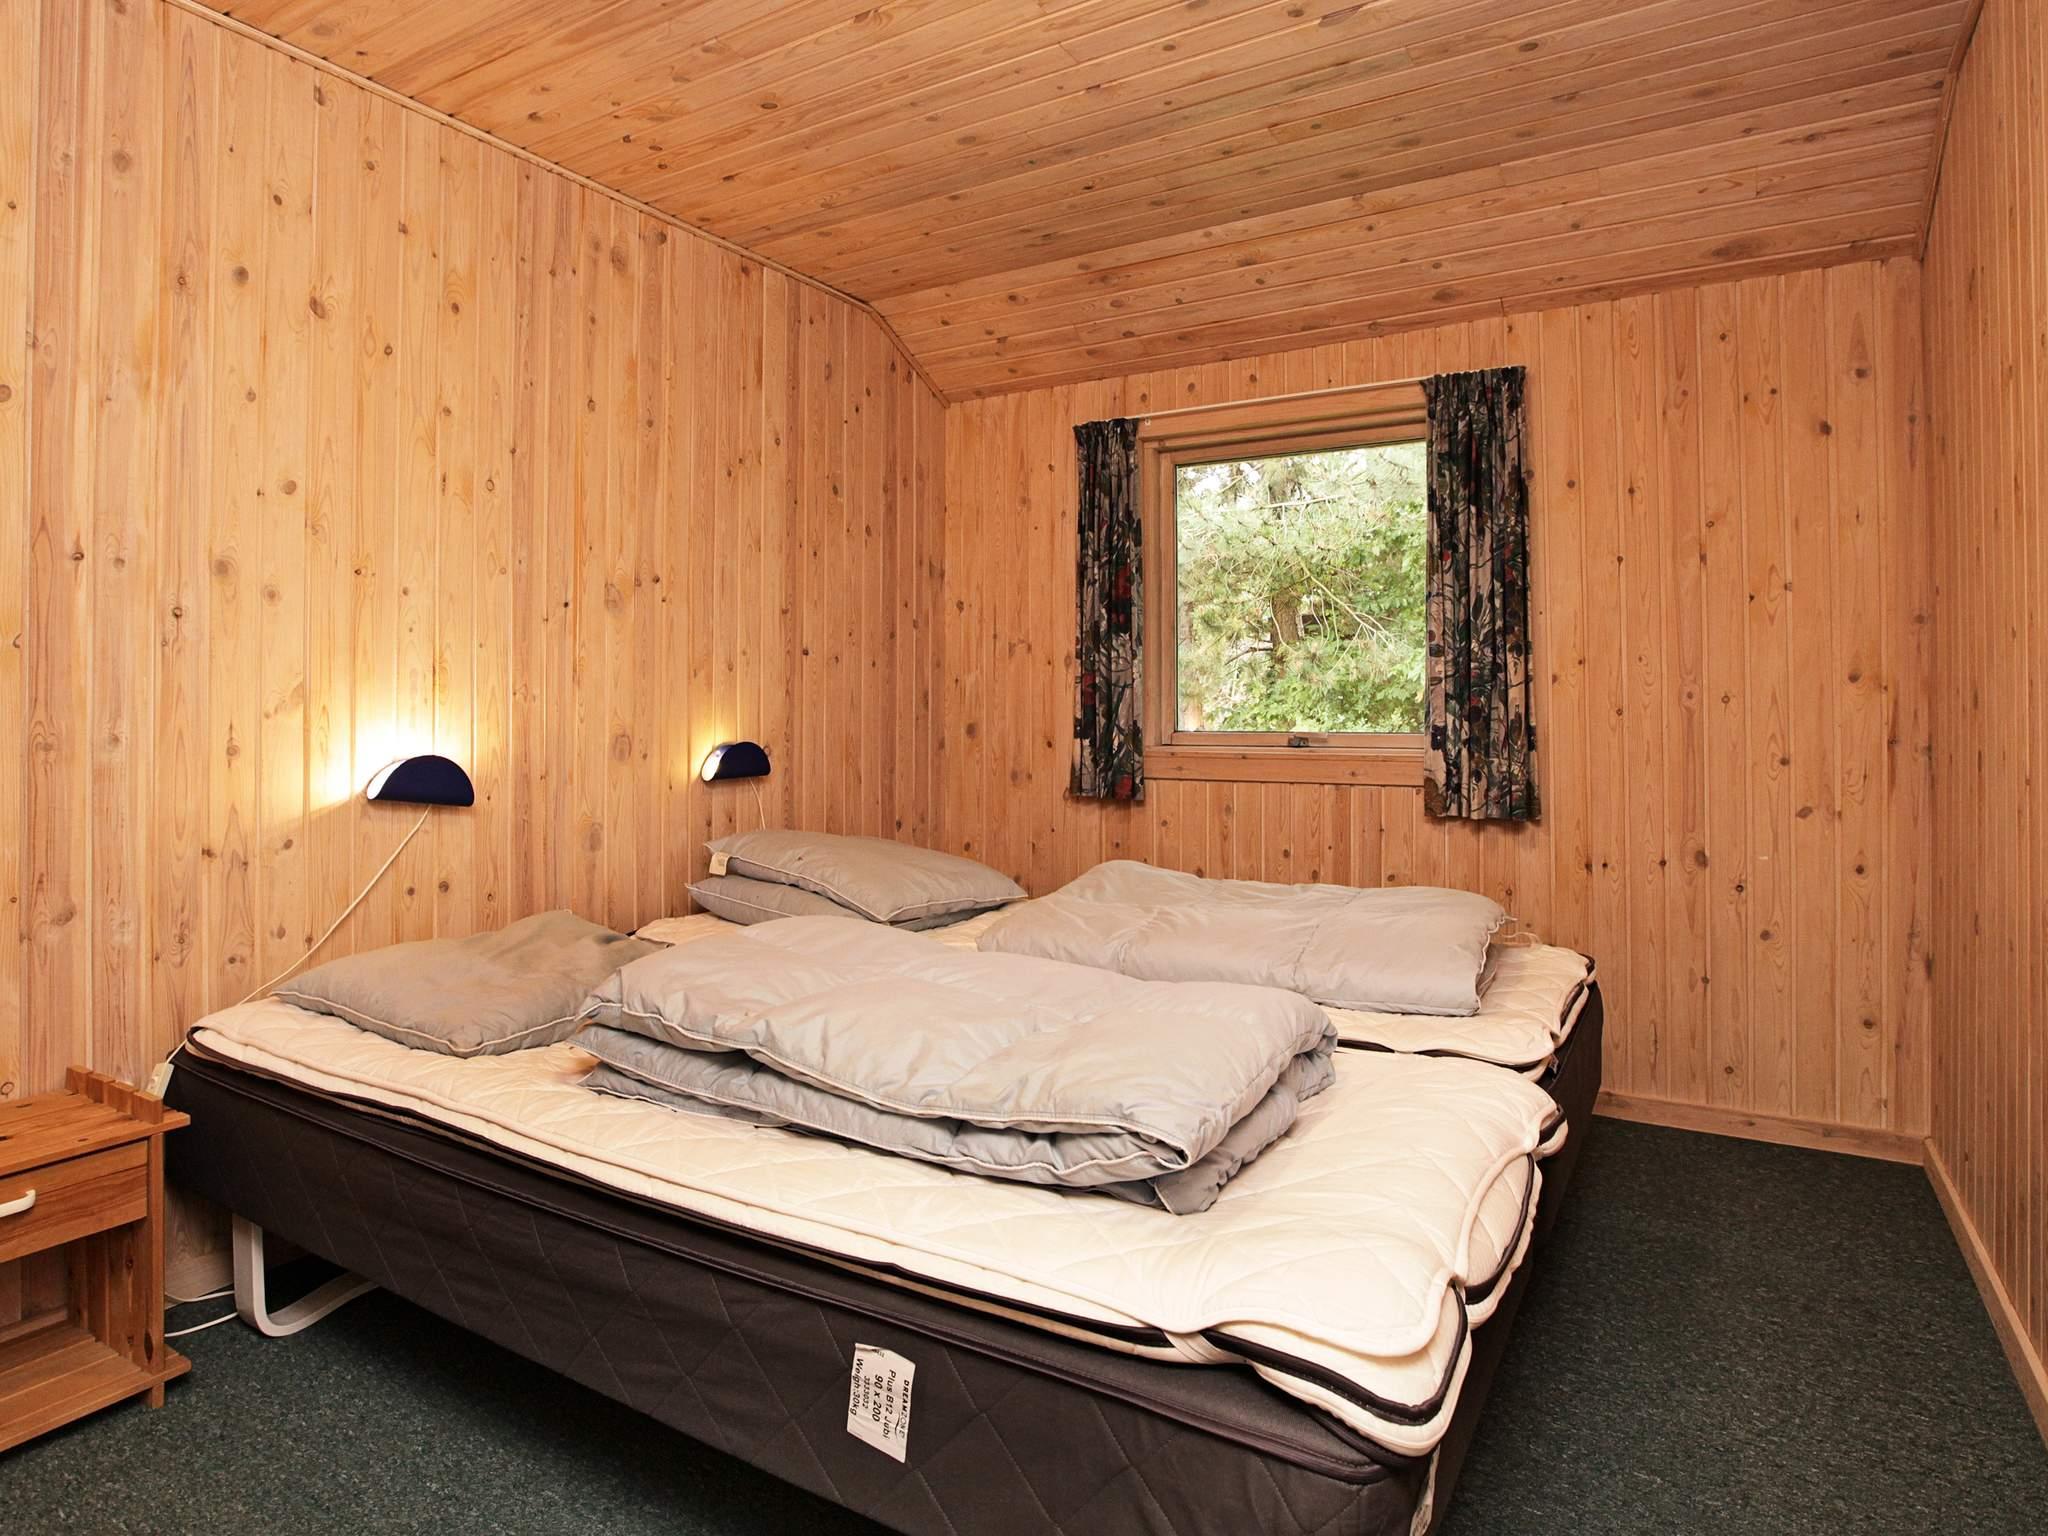 Ferienhaus Hummingen (84295), Hummingen, , Lolland, Dänemark, Bild 16